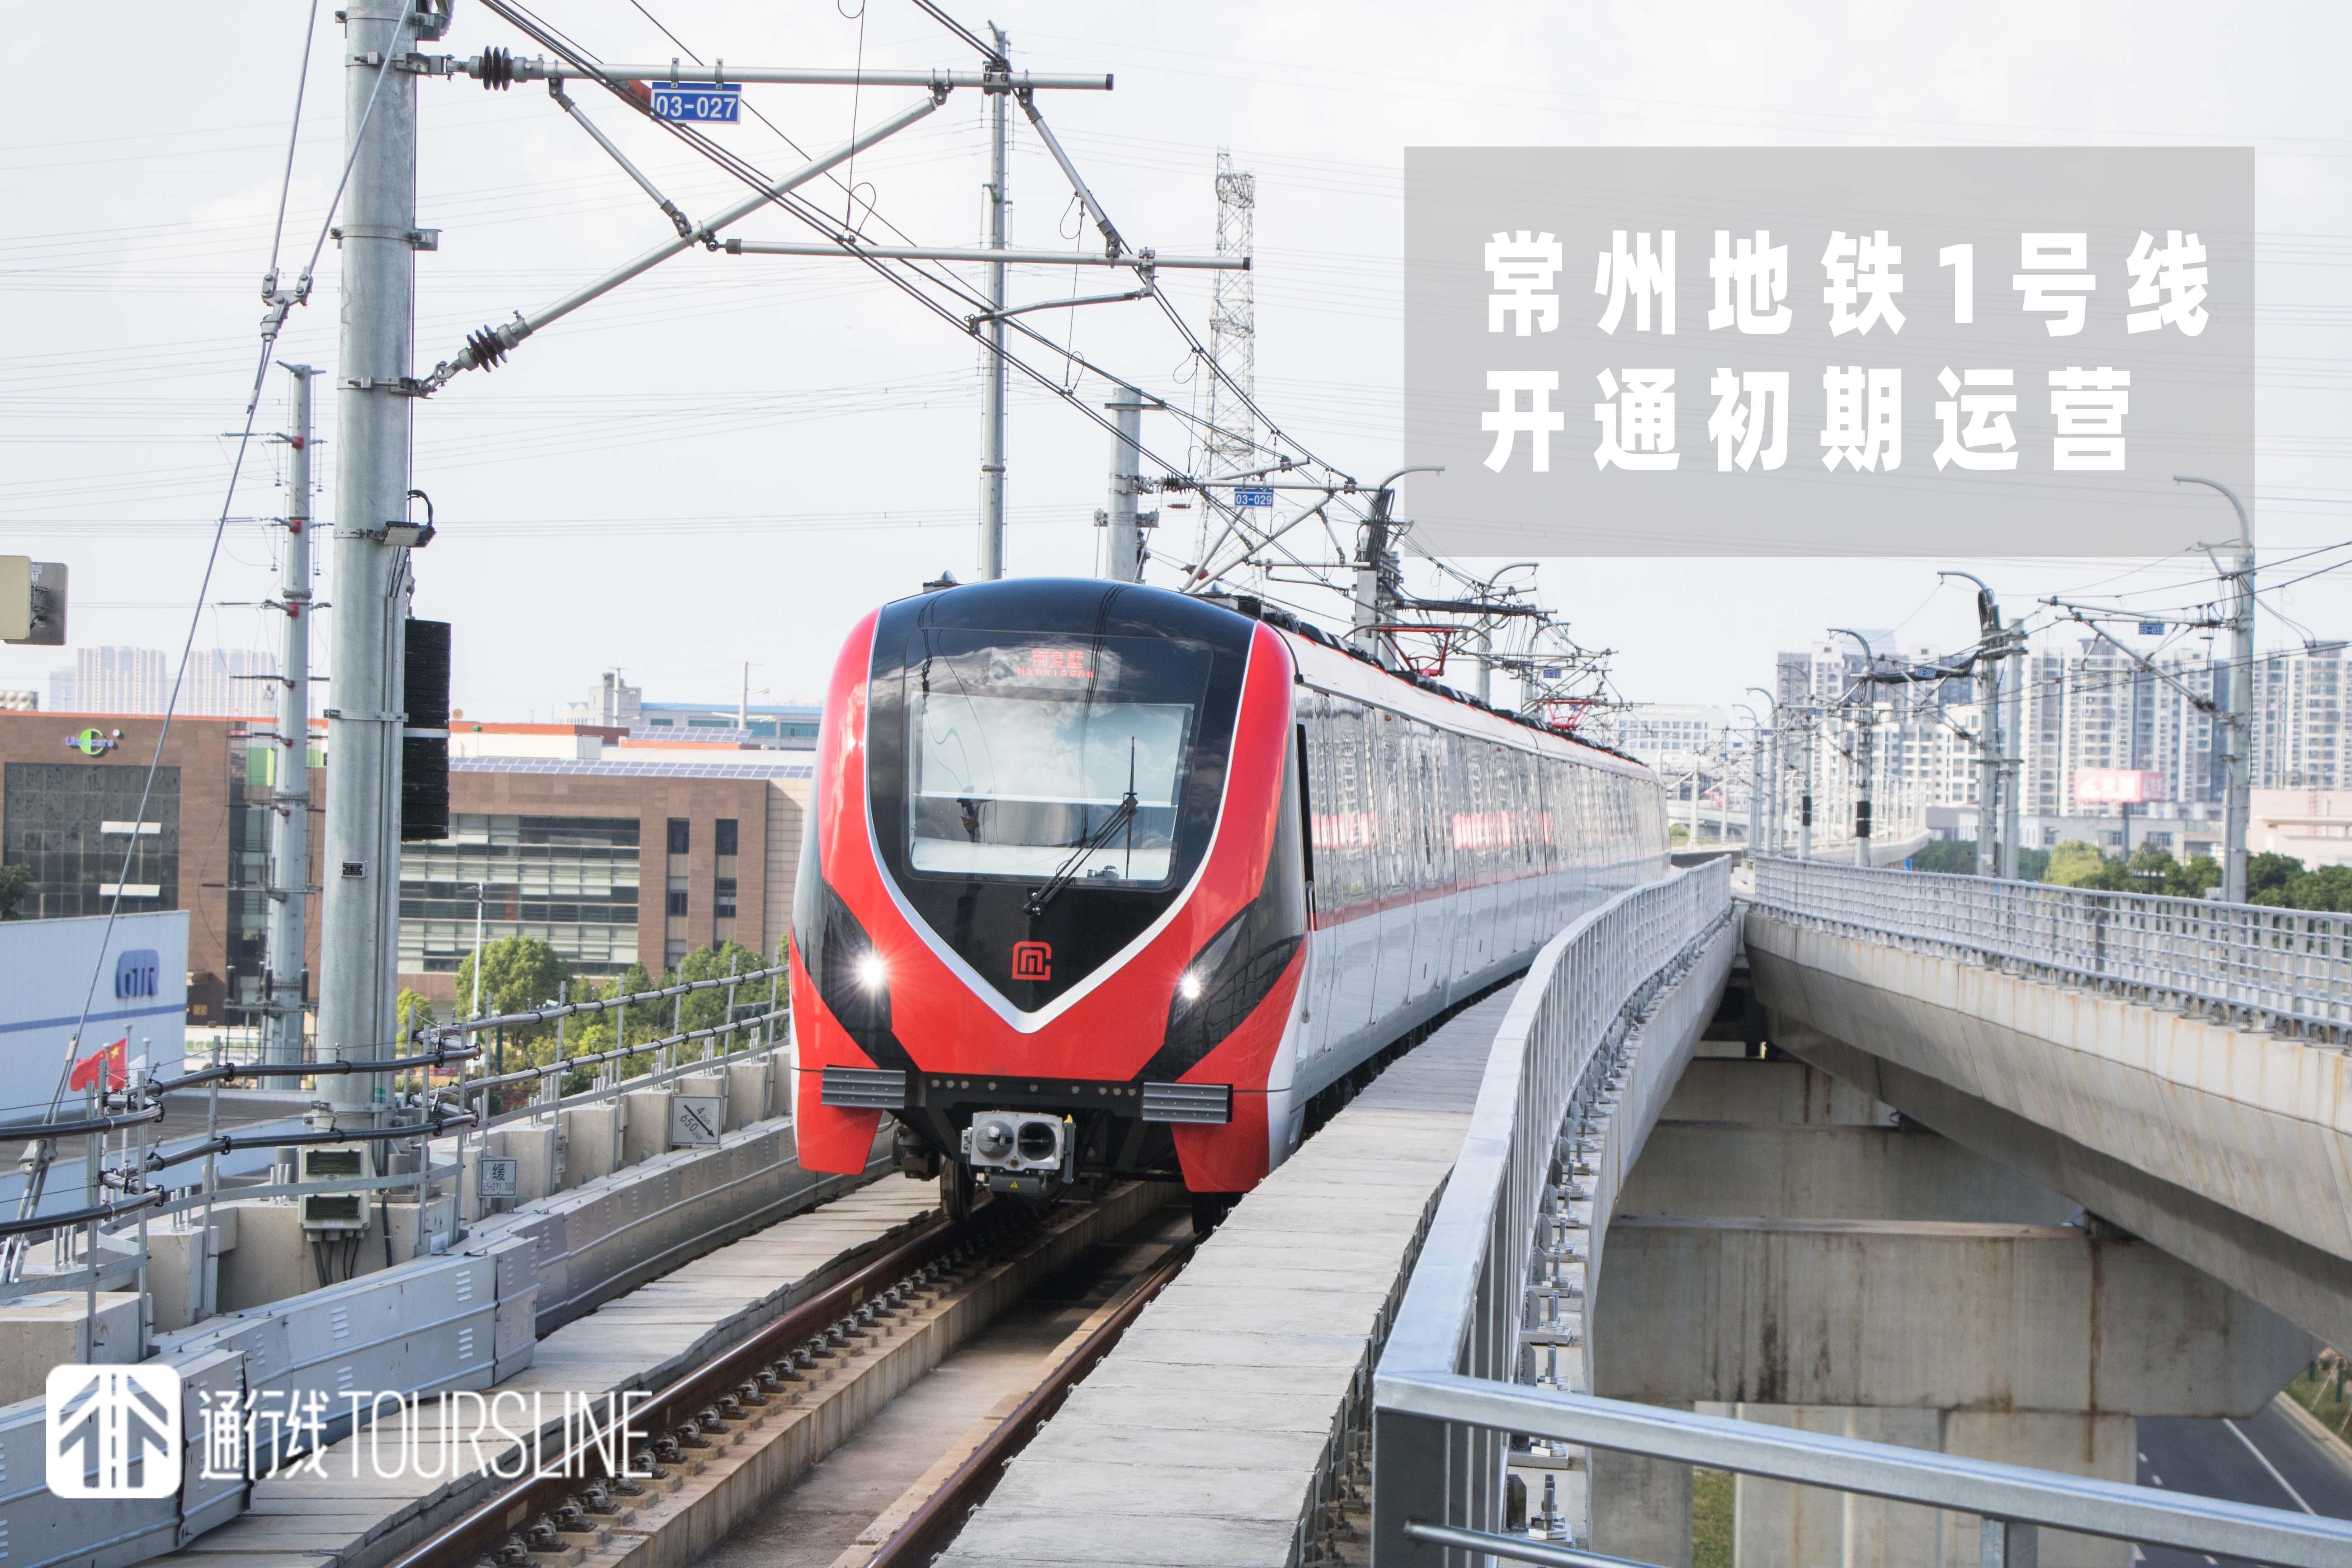 中国内地第36座开通地铁的城市,它的地铁长这样……